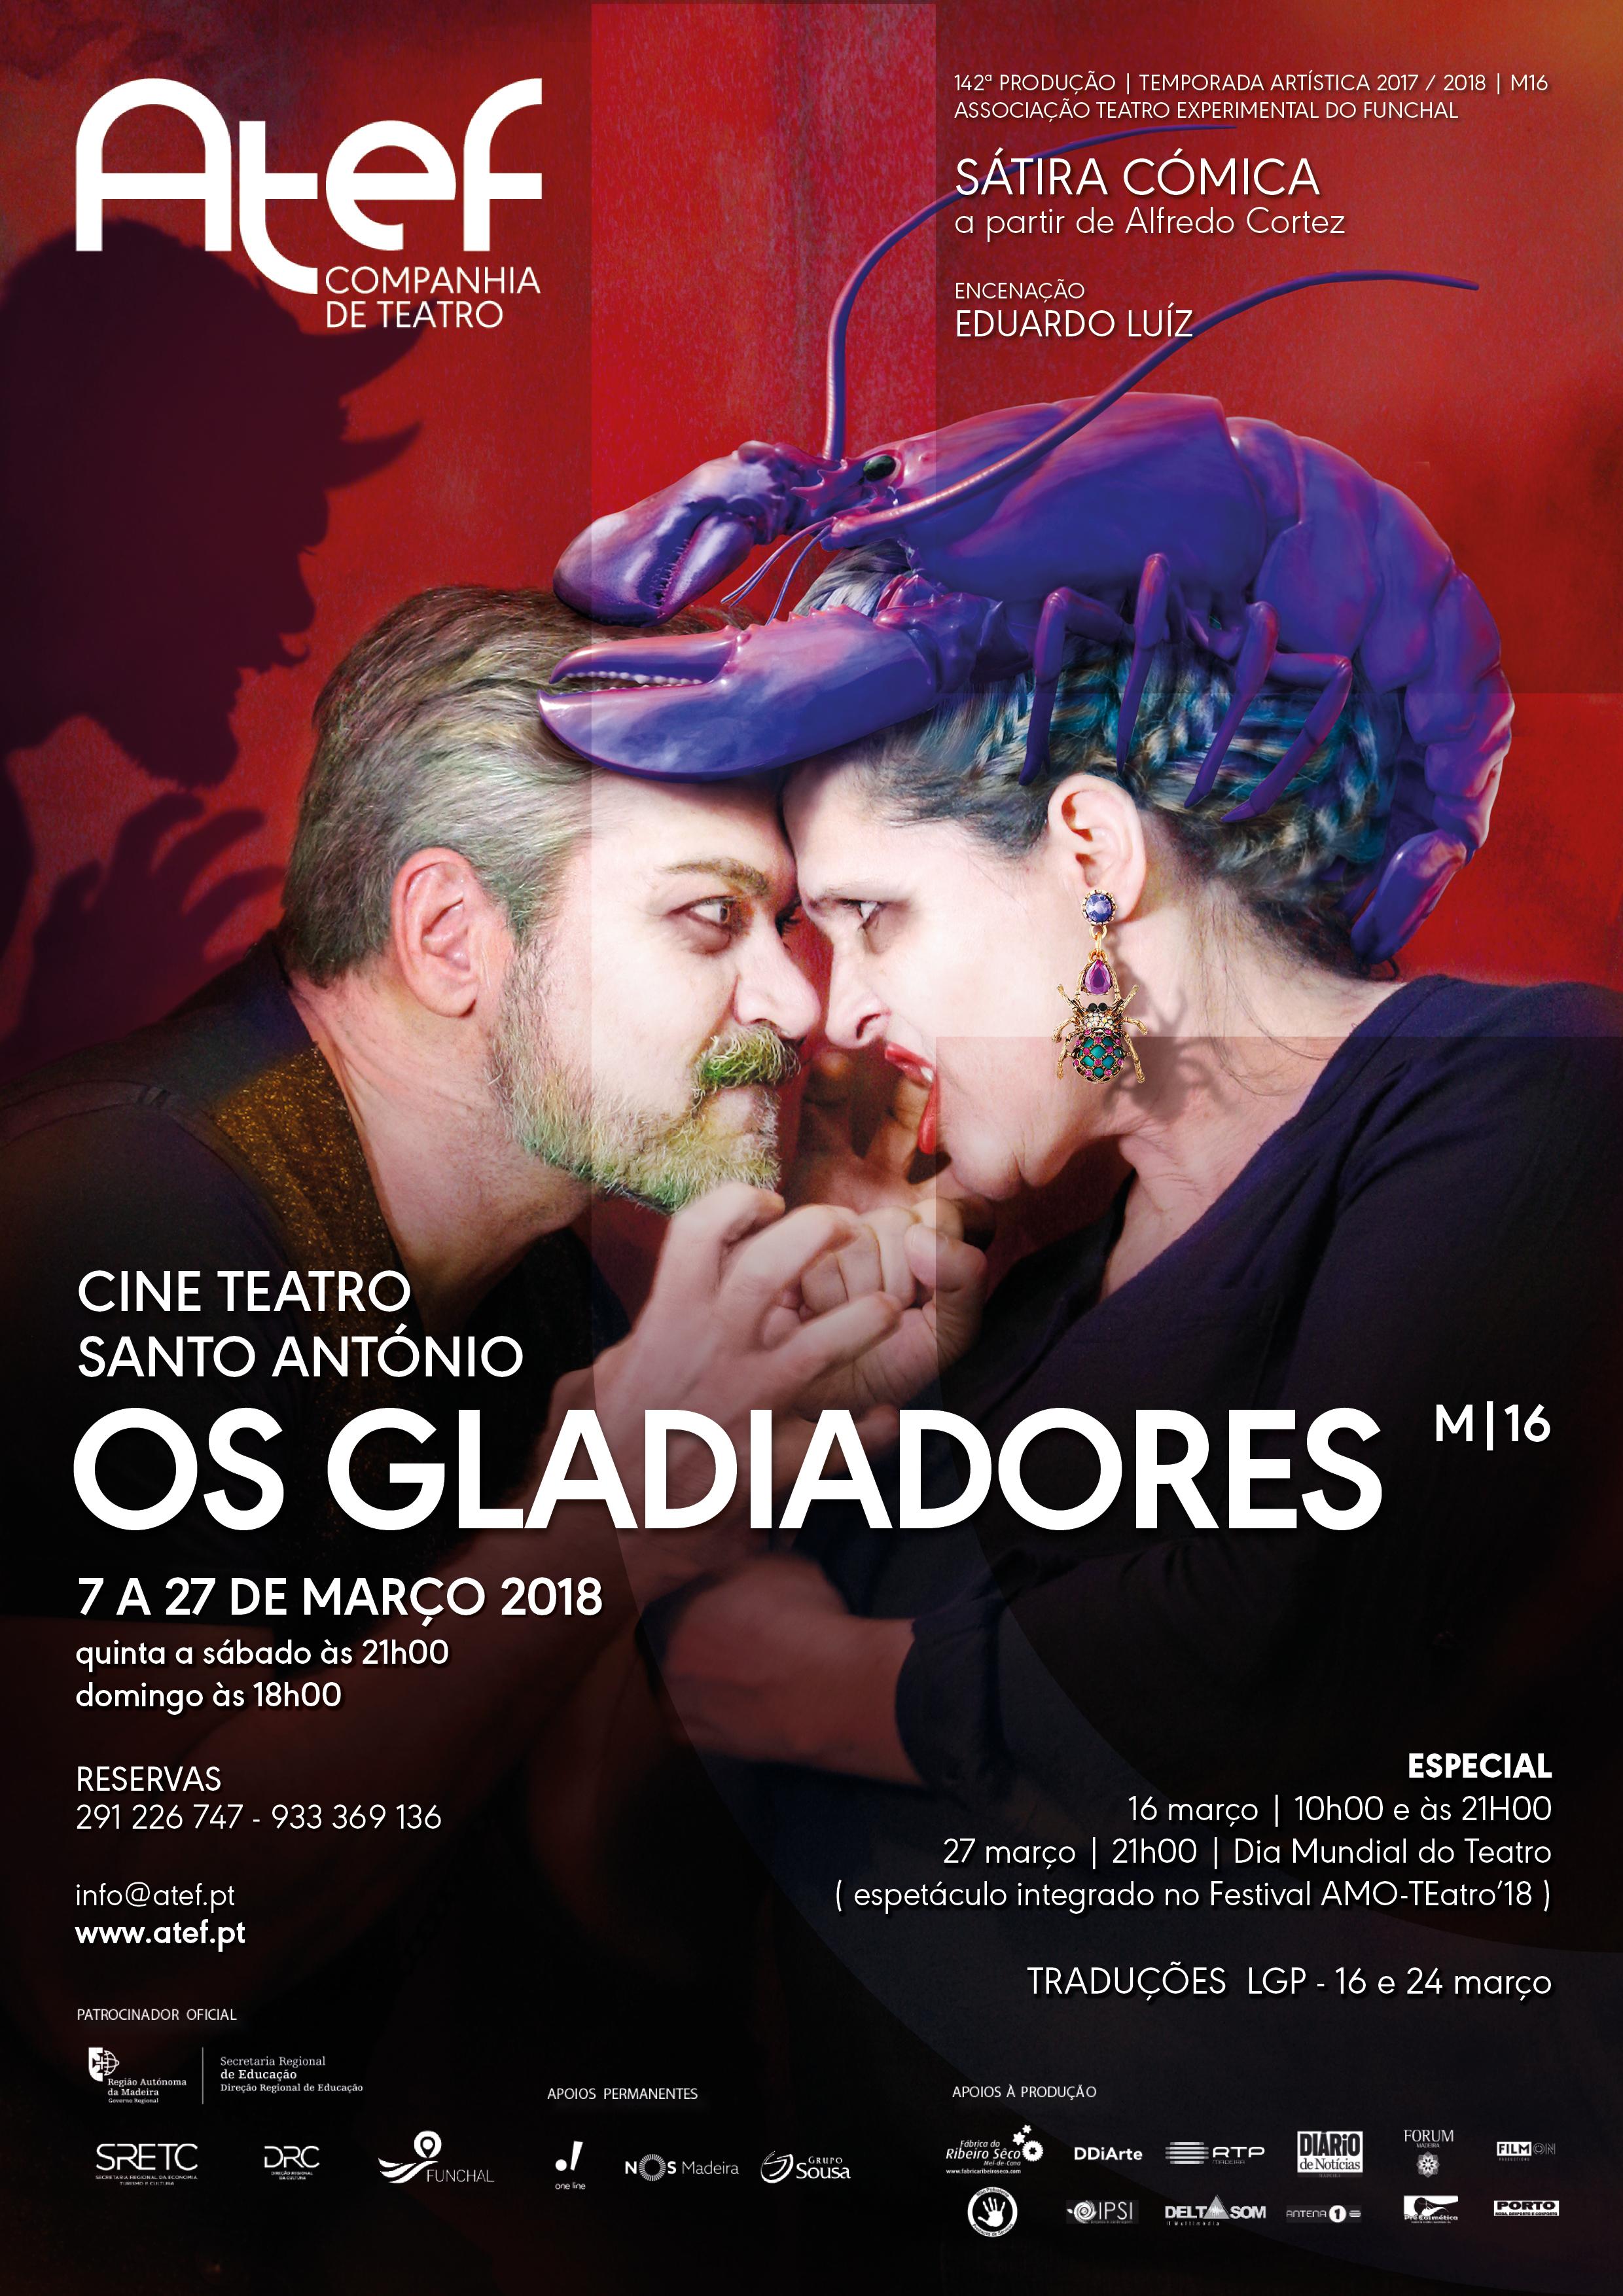 Os gladiadores 7 de março de 2018 / 21h00